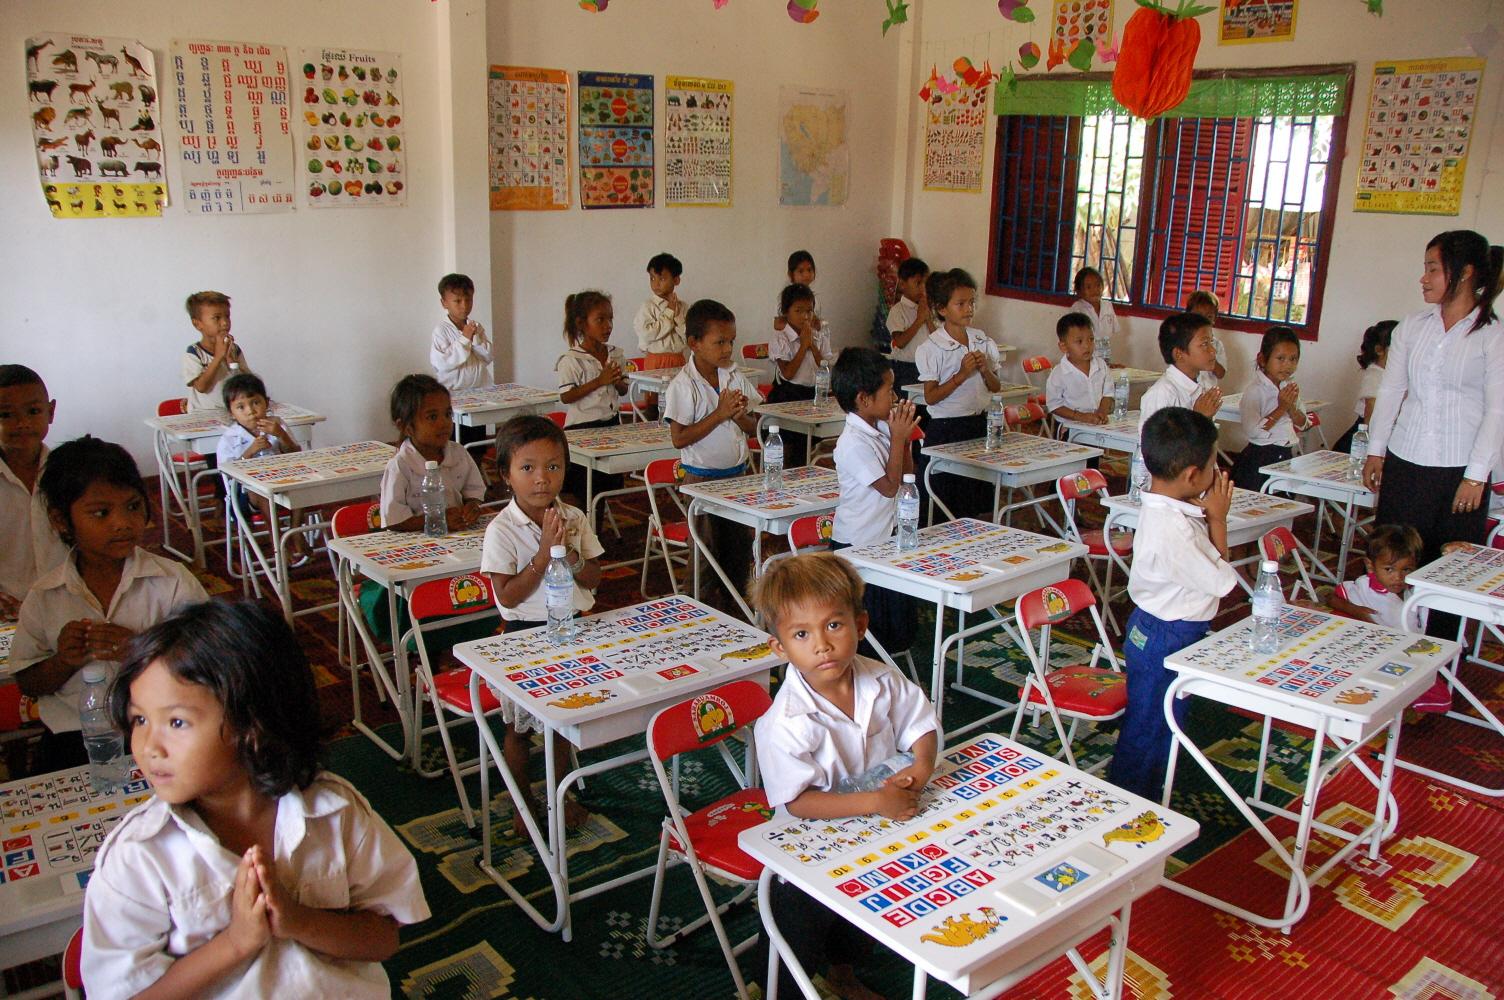 14.새 책걸상에 앉아있는 유치원생들.JPG